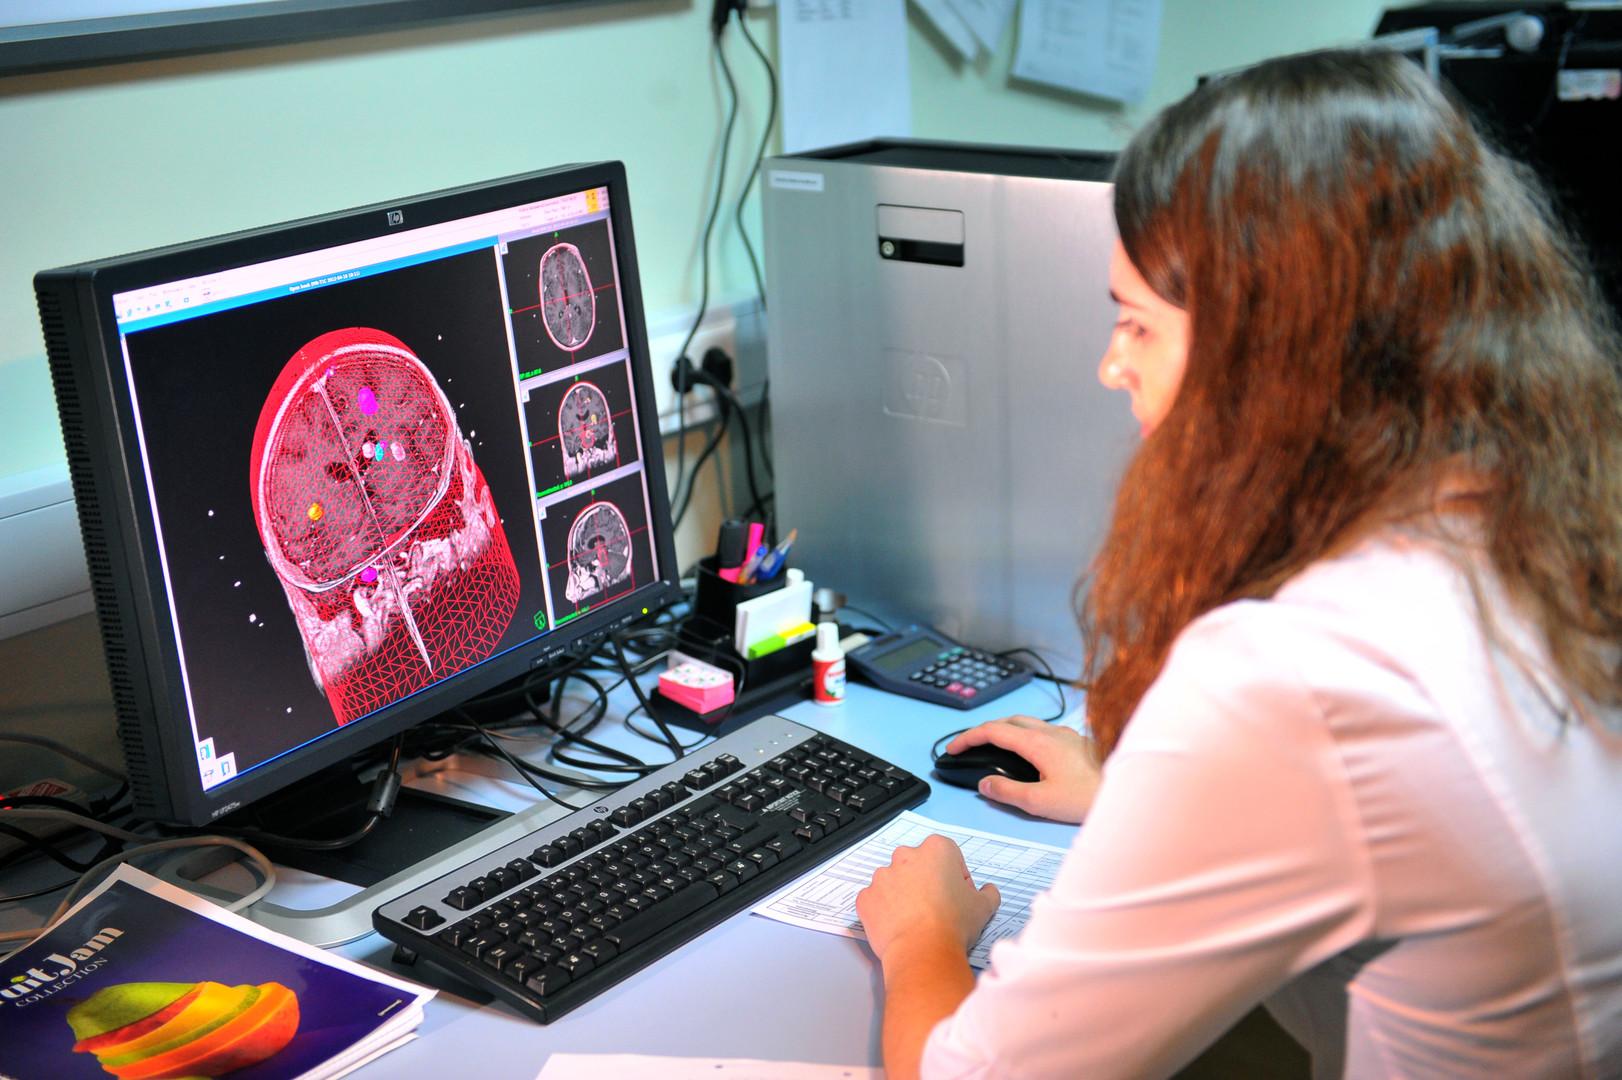 Bloomberg опроверг данные исследования об «утечке мозгов» из России